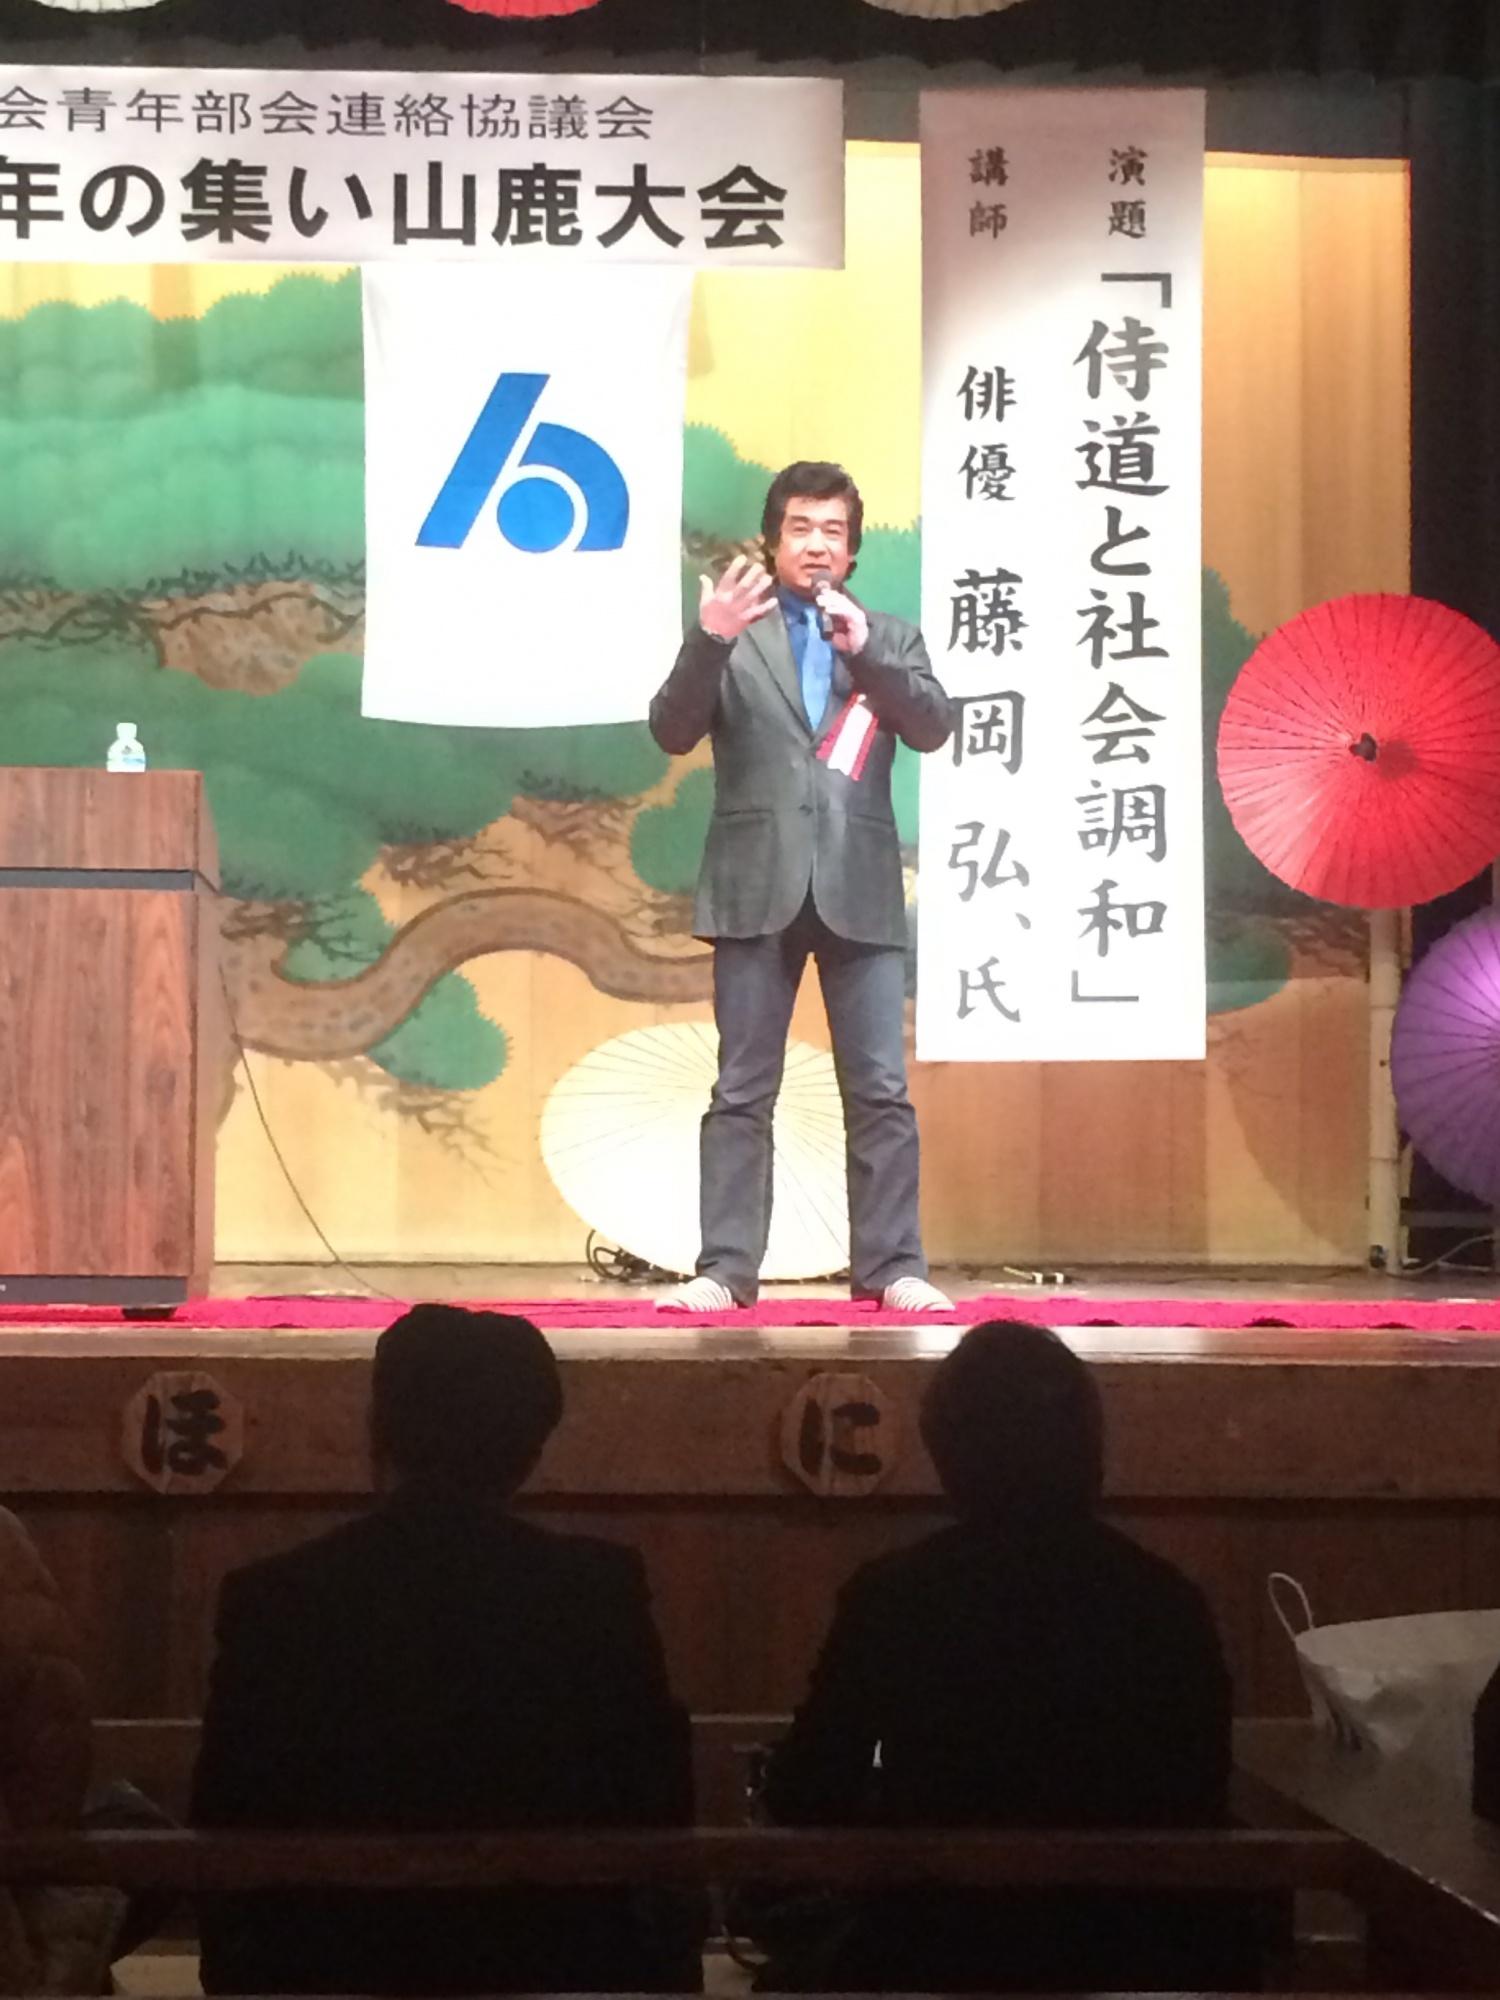 工具店の大分県中津市新居商店 八千代座の講演 講師は藤岡弘さんでした